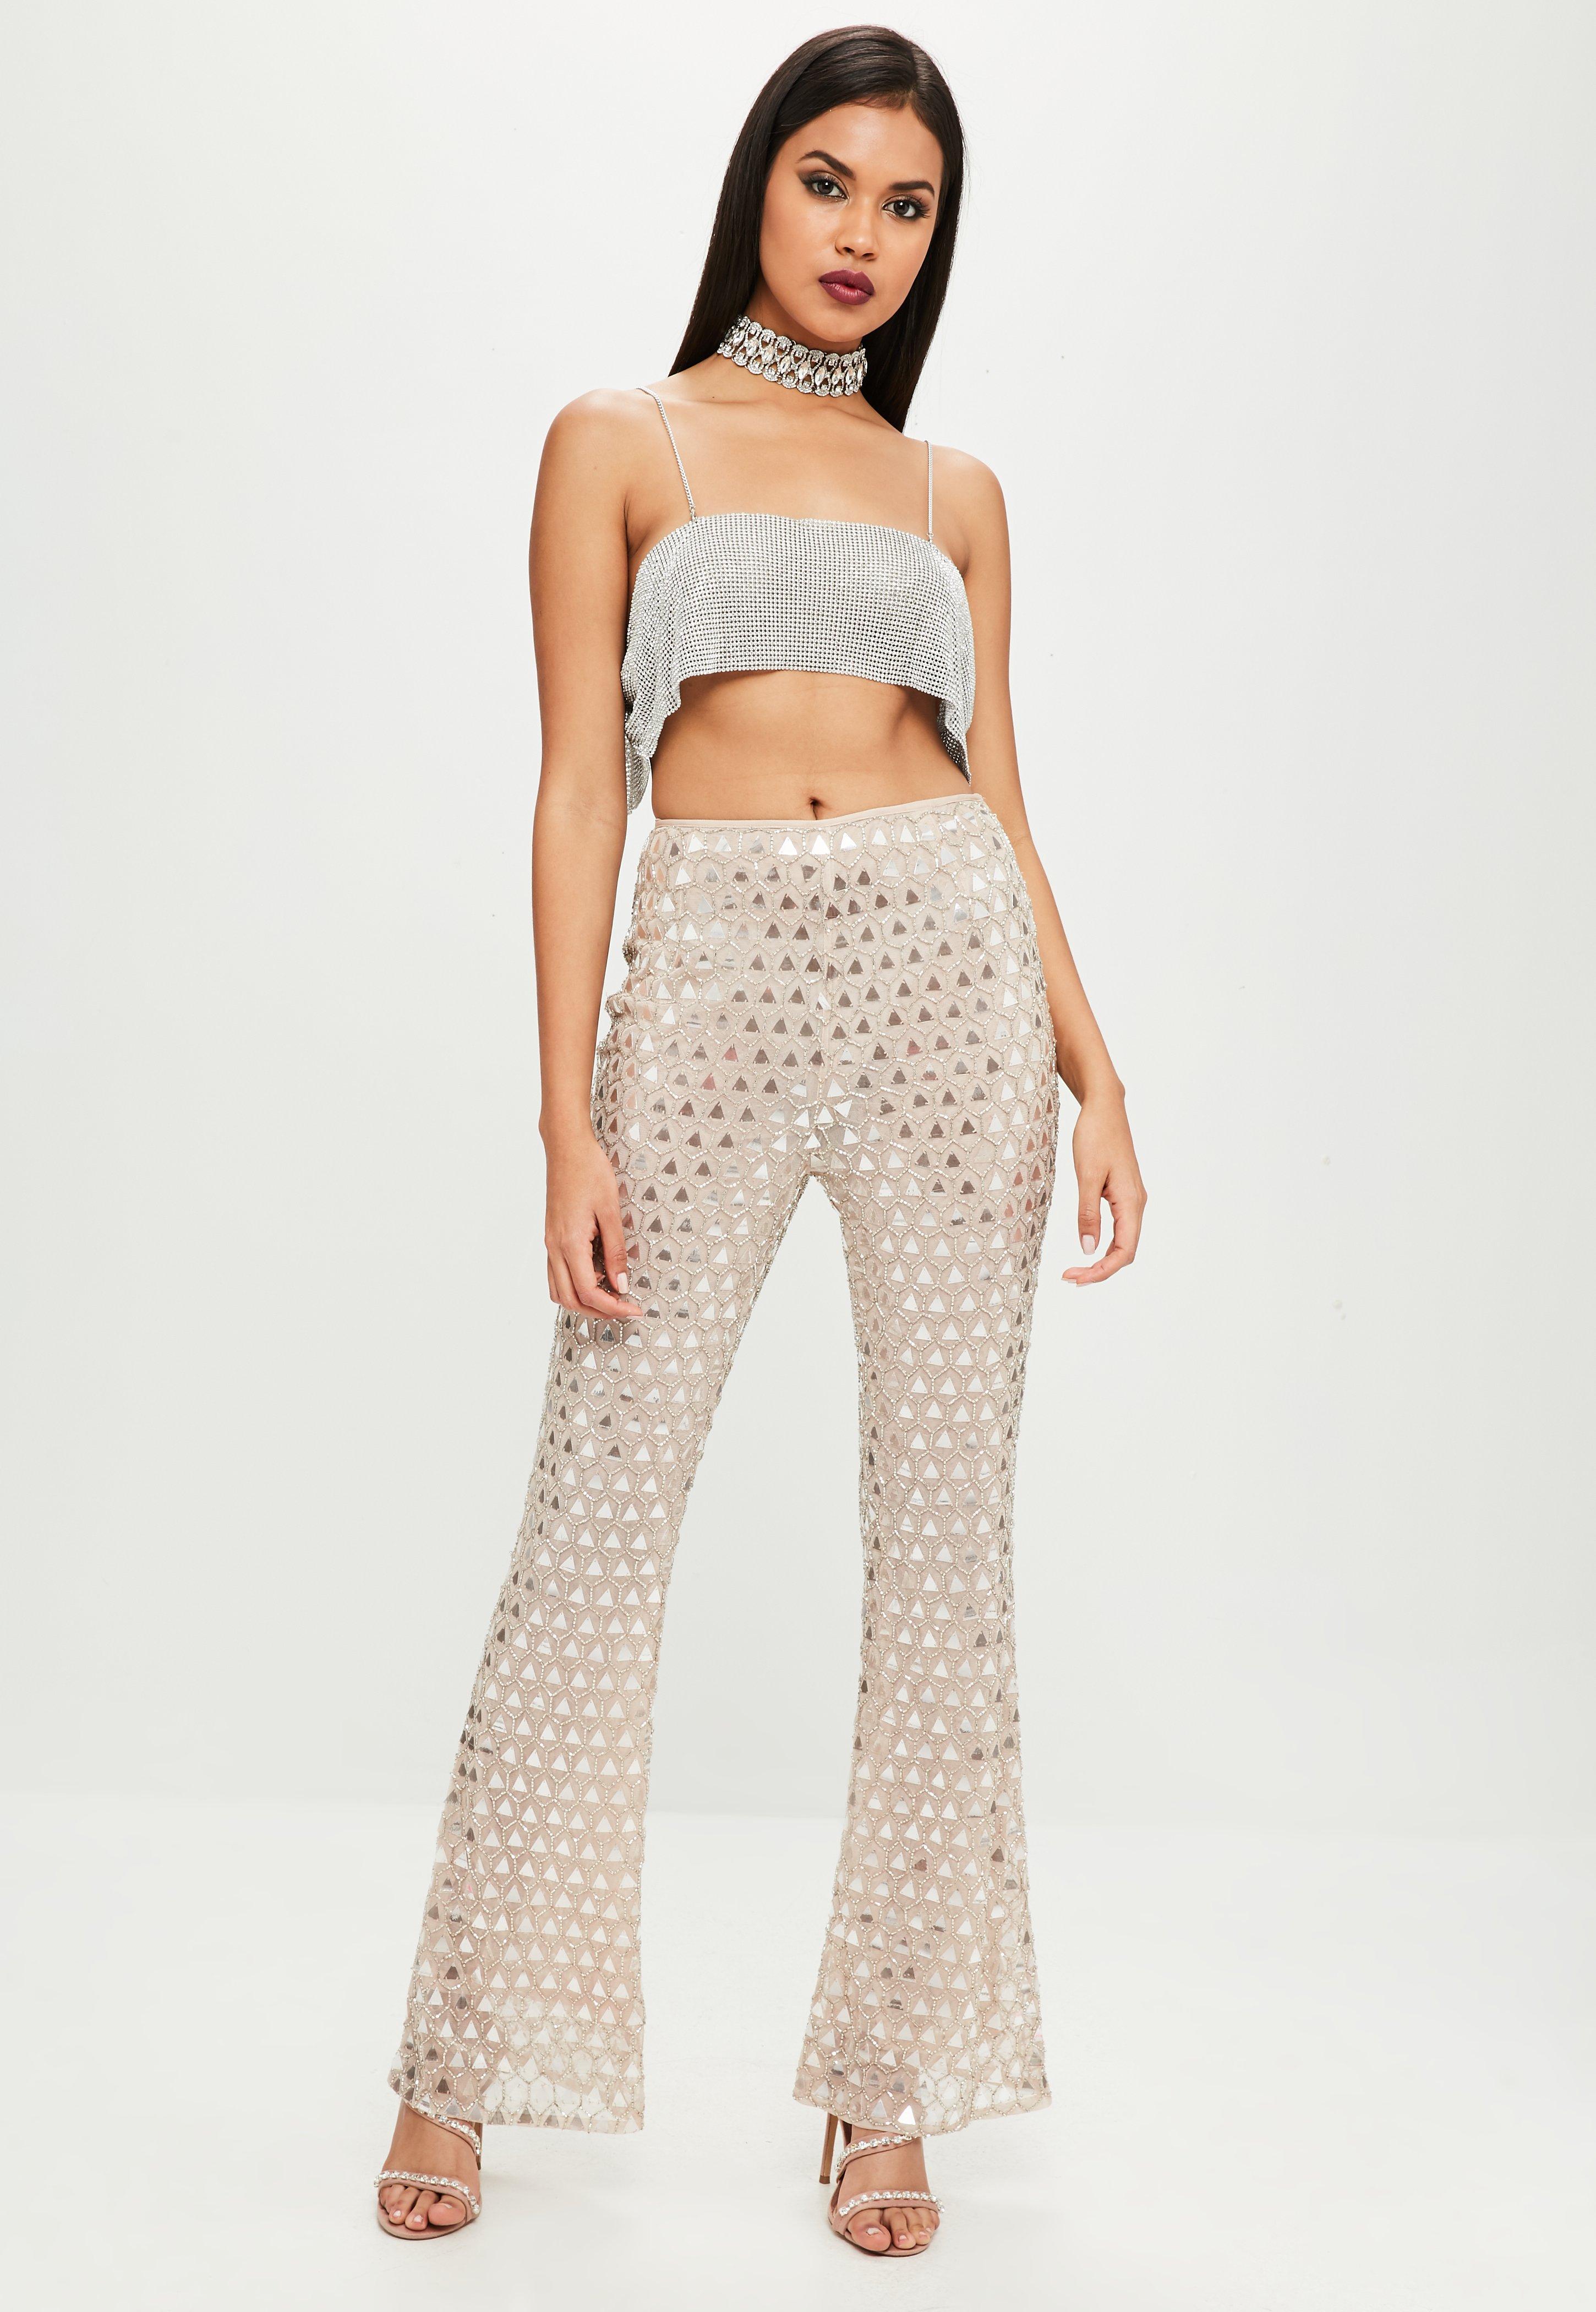 Image result for carli bybel x missguided embellished trouser